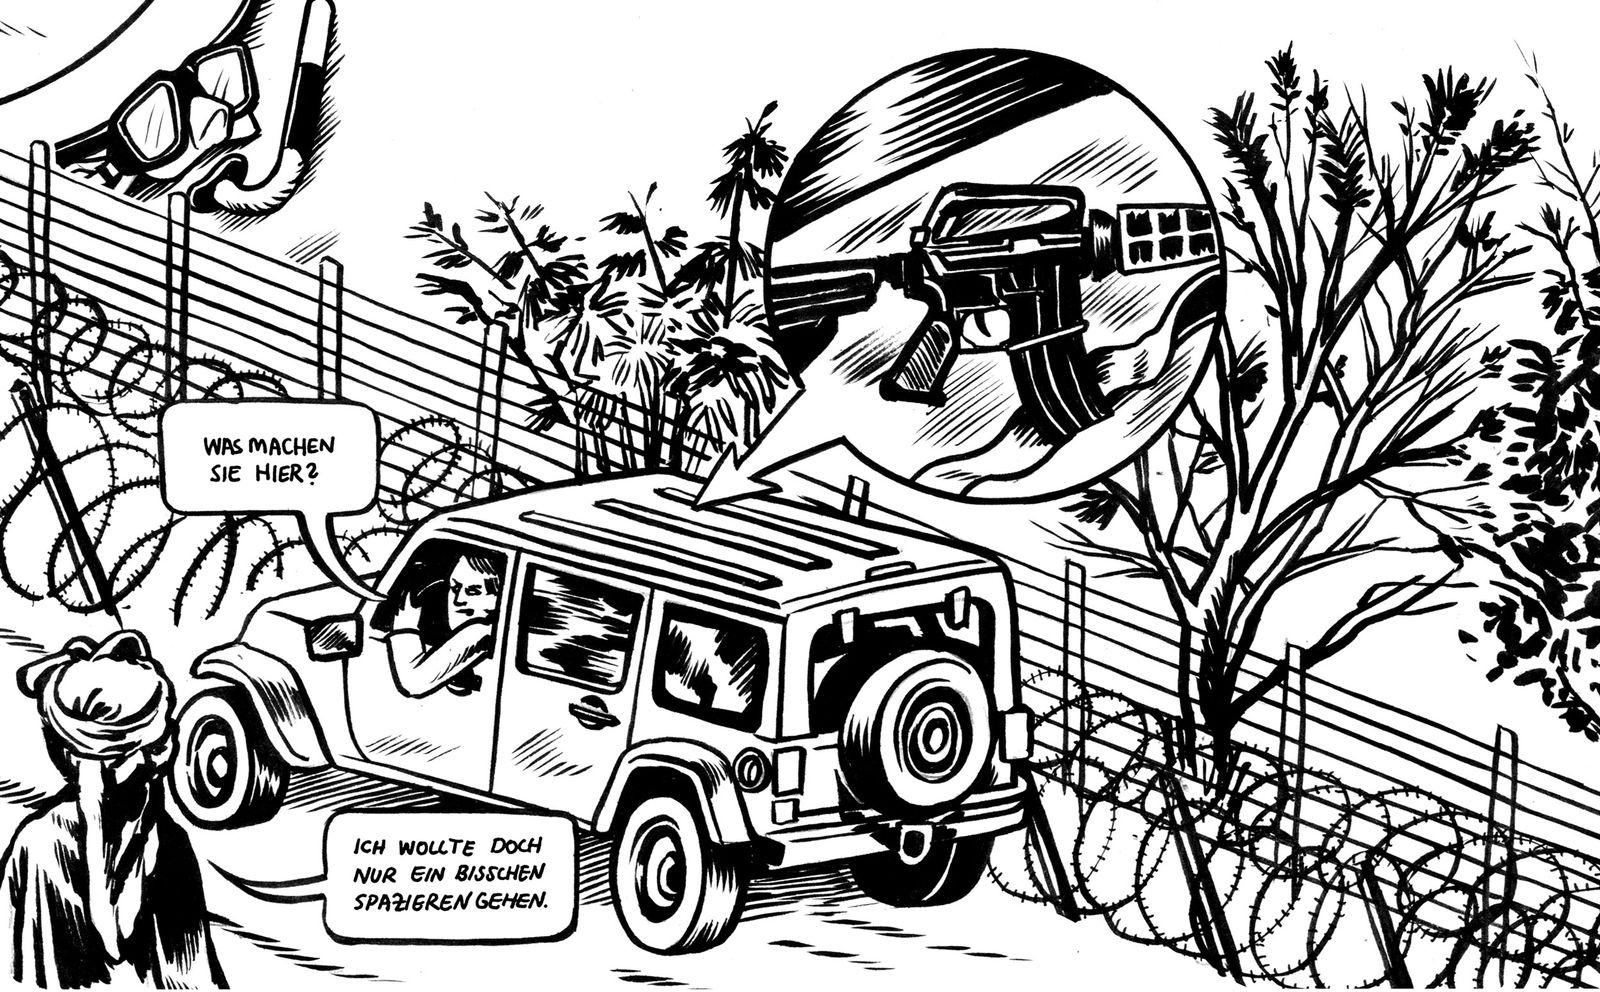 EINMALIGE VERWENDUNG UNI SPIEGEL 2/2016 Ferien im Krisengebiet / Westjordanland